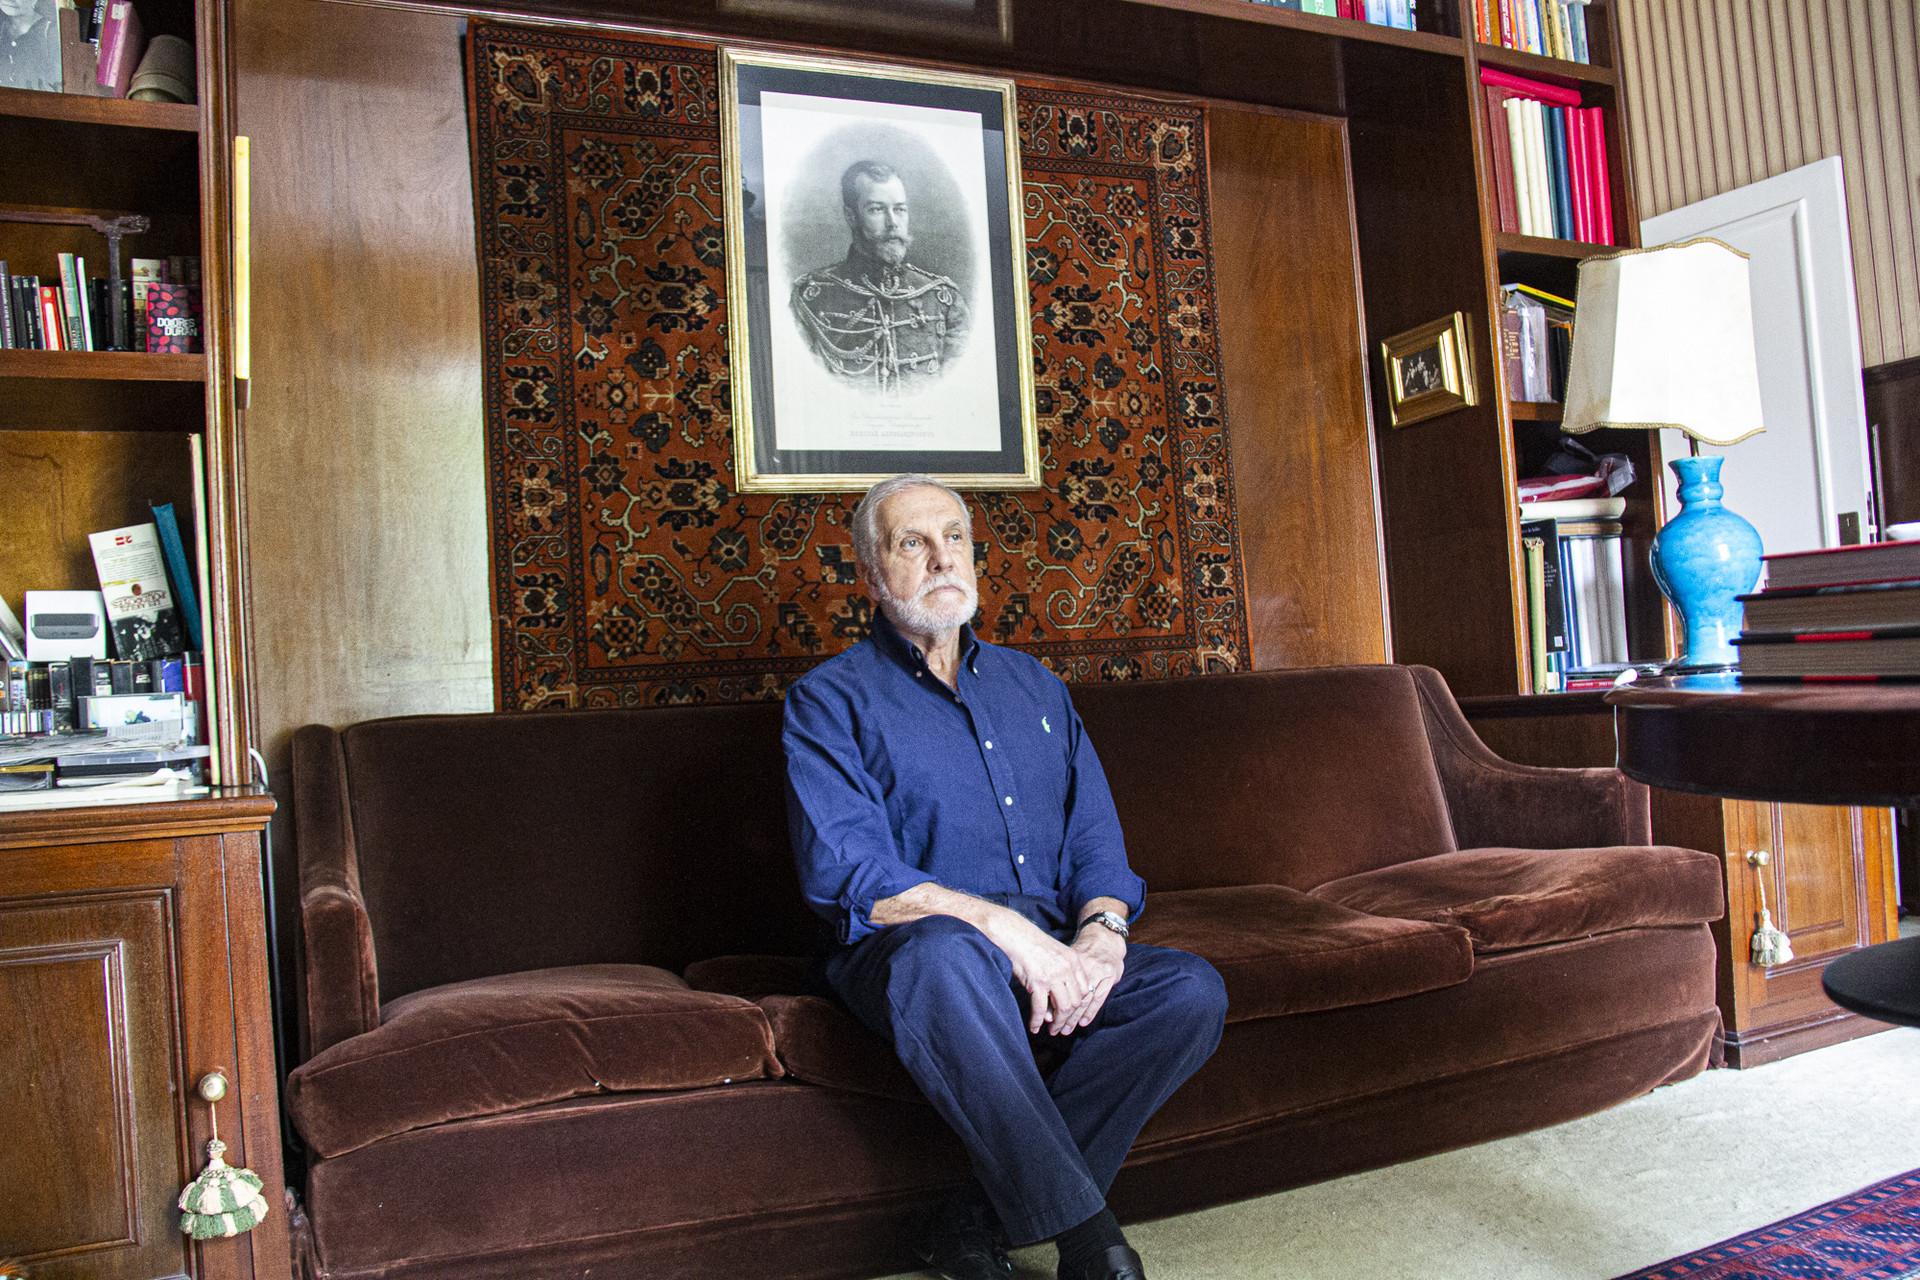 Saul sob um quadro do tsar Nikolai 2° em sua biblioteca.